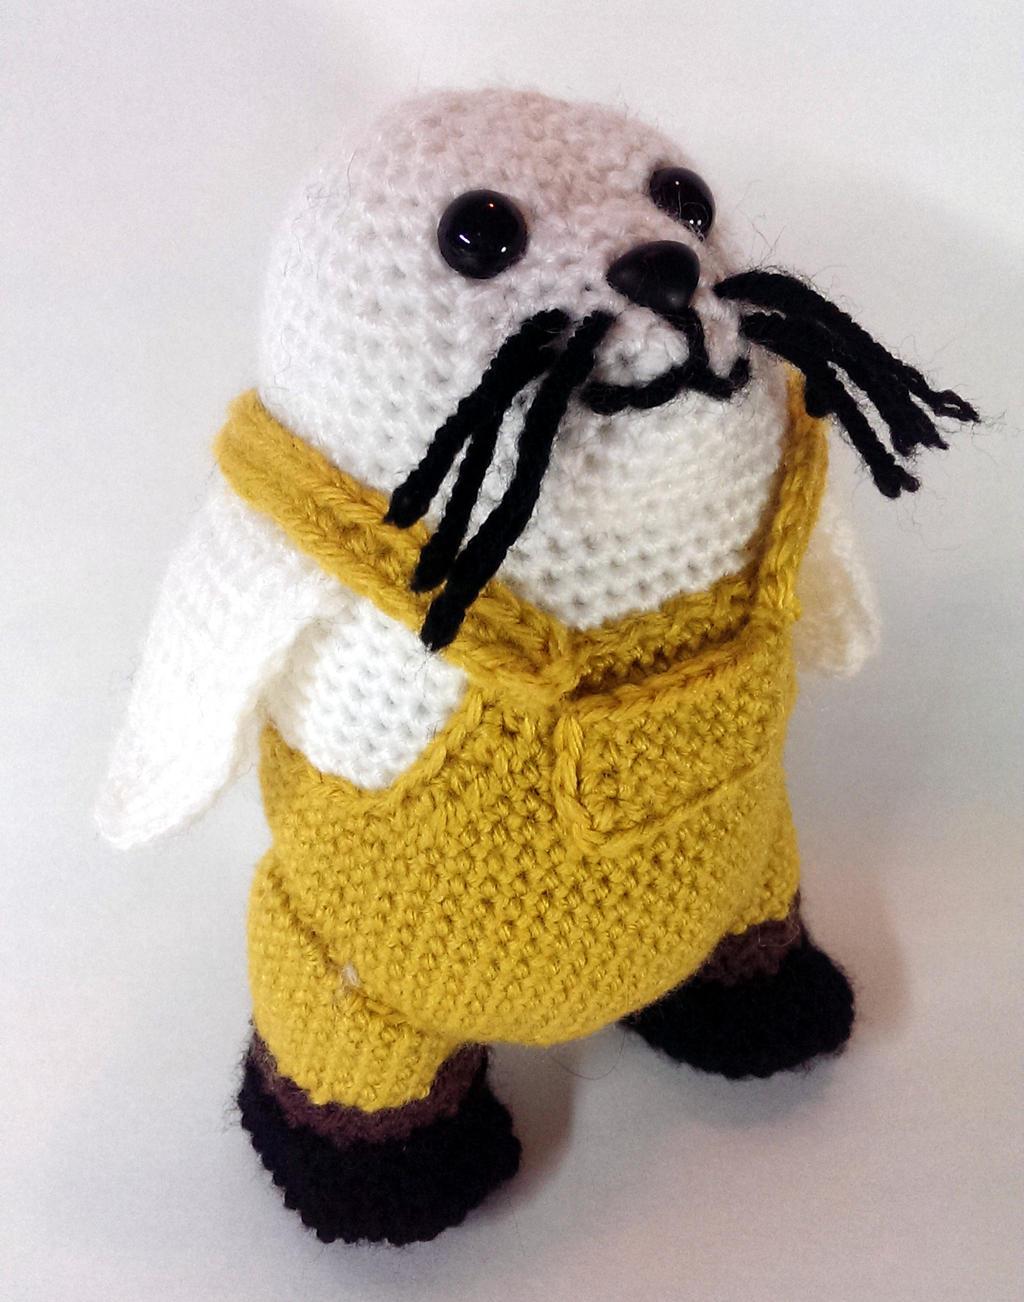 Crocheted Ghus